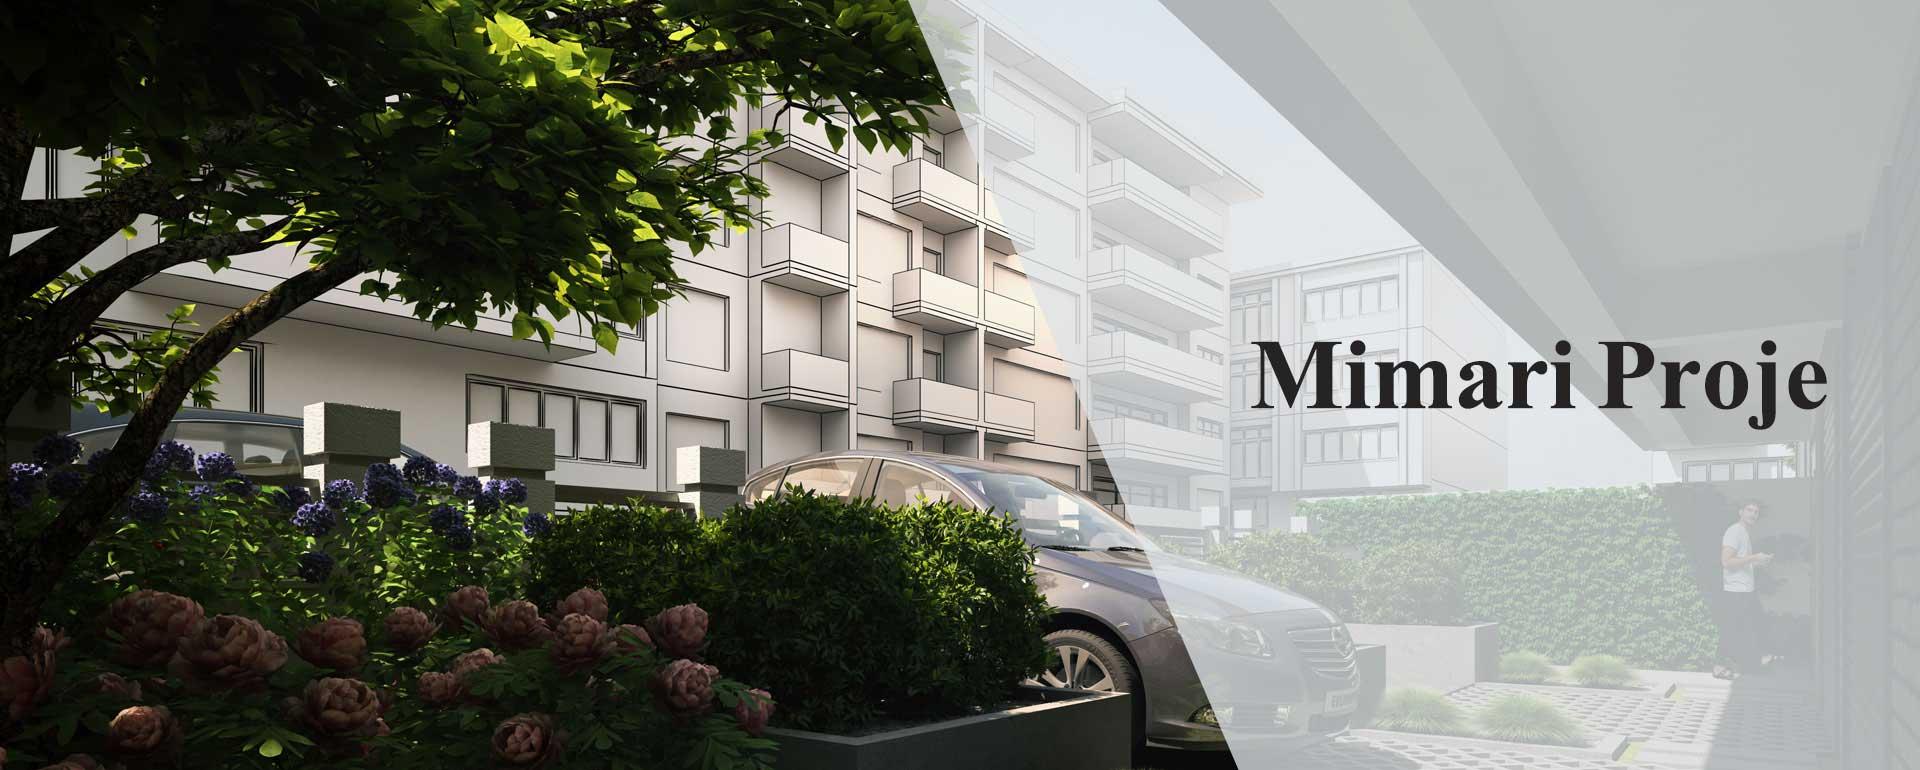 mimari-proje---lia-mimarlik-ofisi